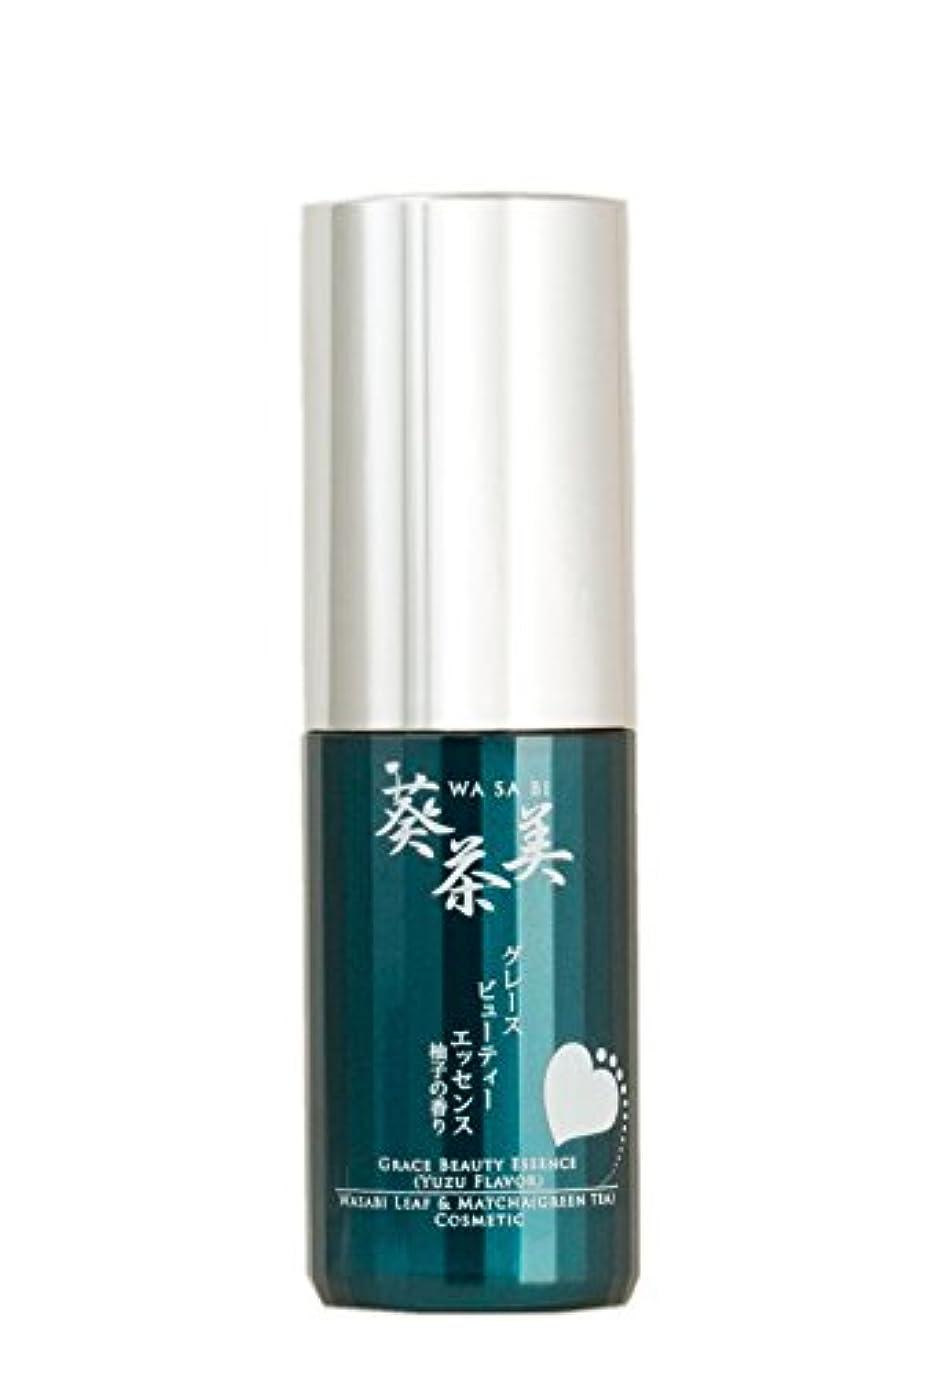 アヒルラインテーブルを設定する葵茶美-WASABI-  ワサビ グレースビューティーエッセンス(美容液) 柚子の香り 30ml